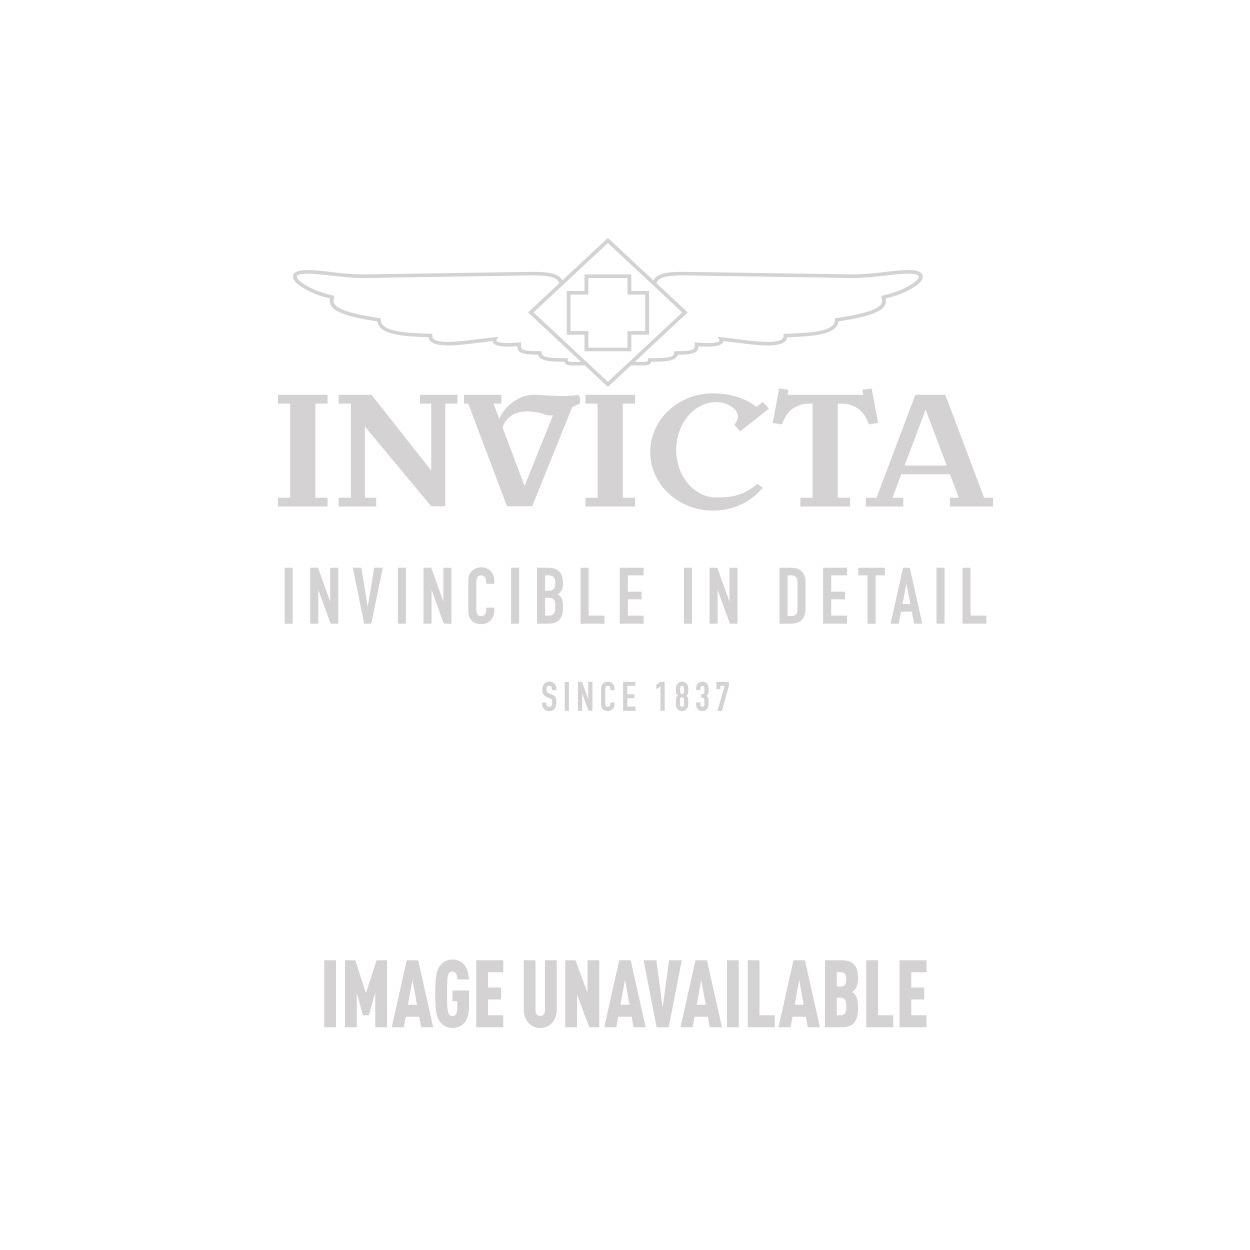 Invicta Model 28624